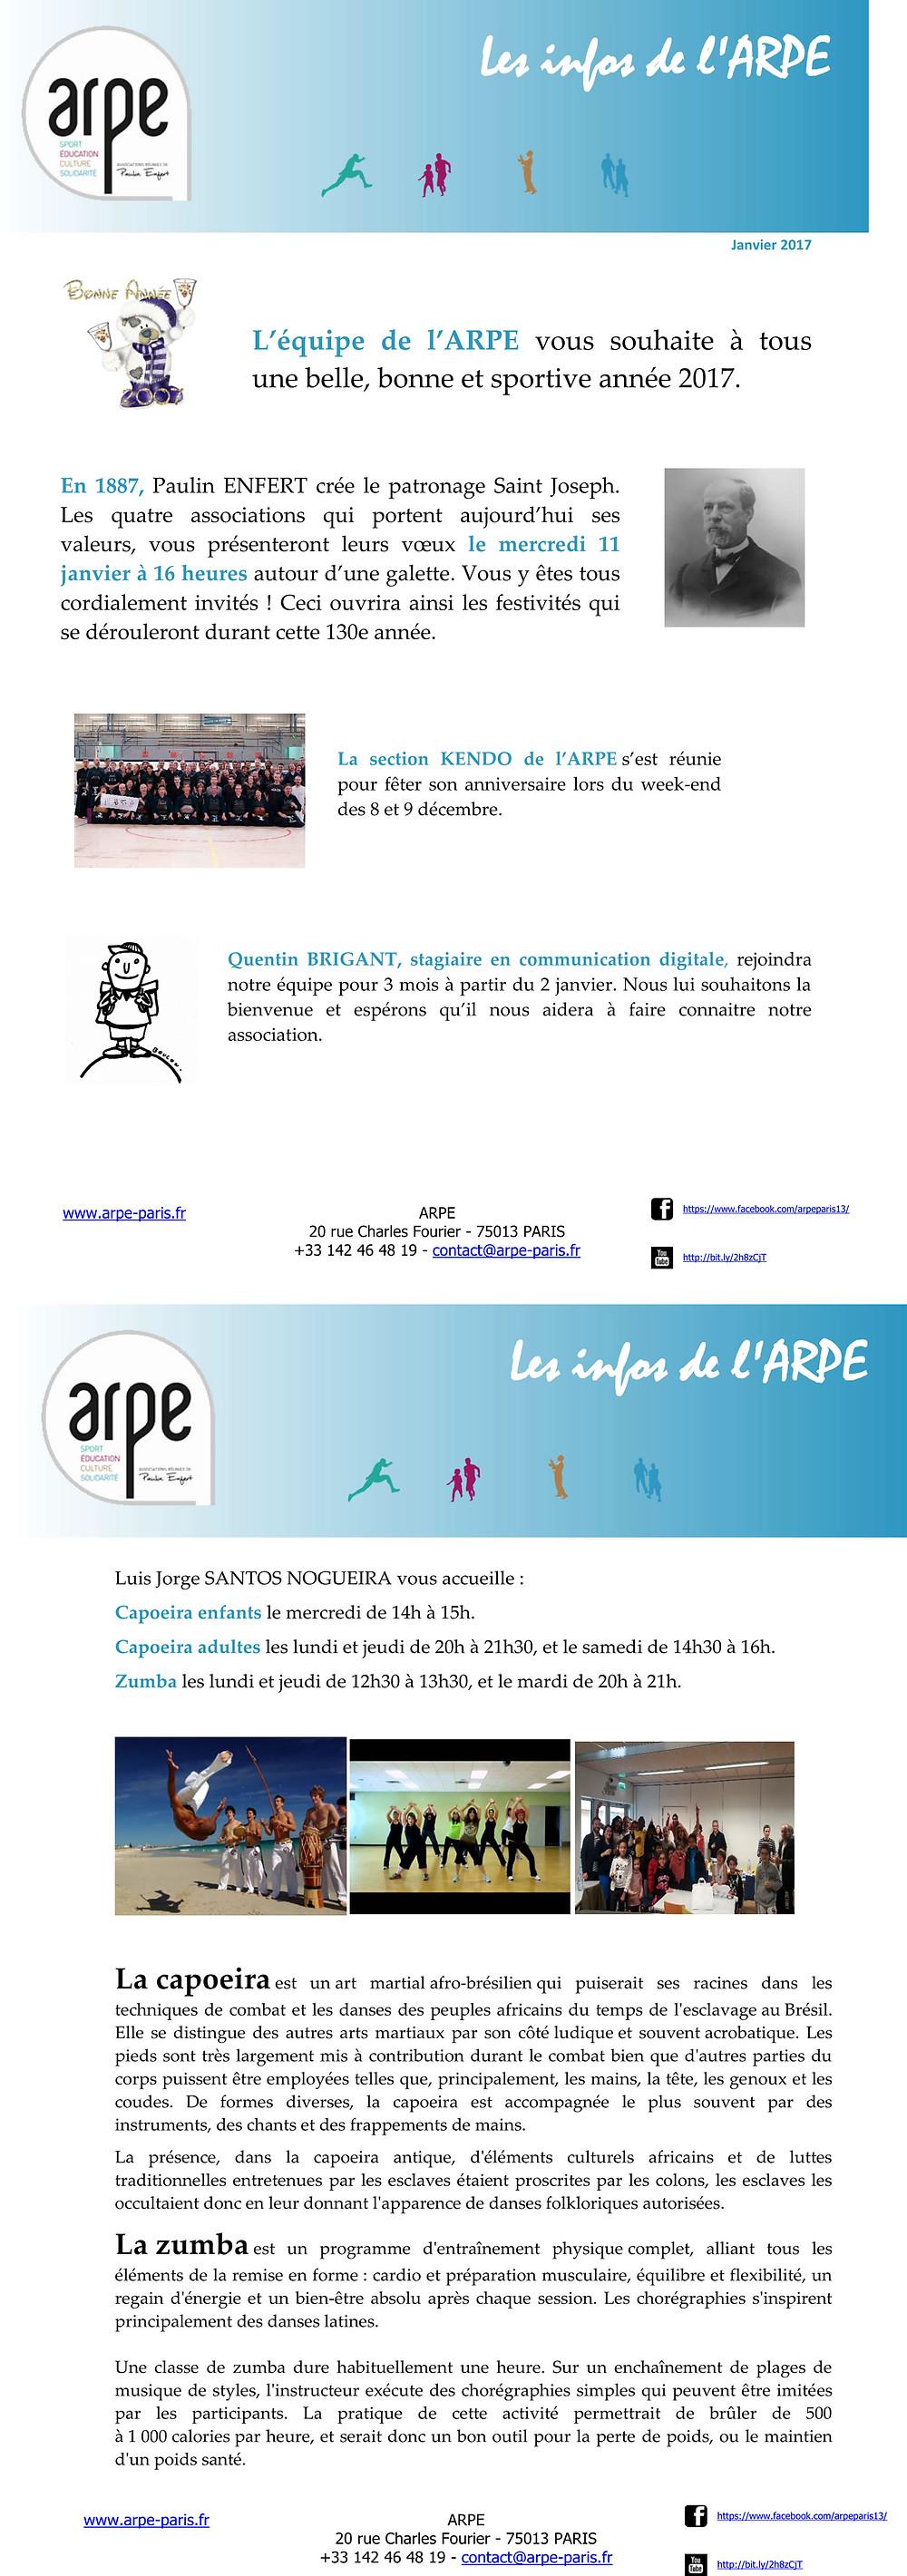 Avec les voeux de l'ARPE, et l'invitation à la Galette du 11 janvier !!!